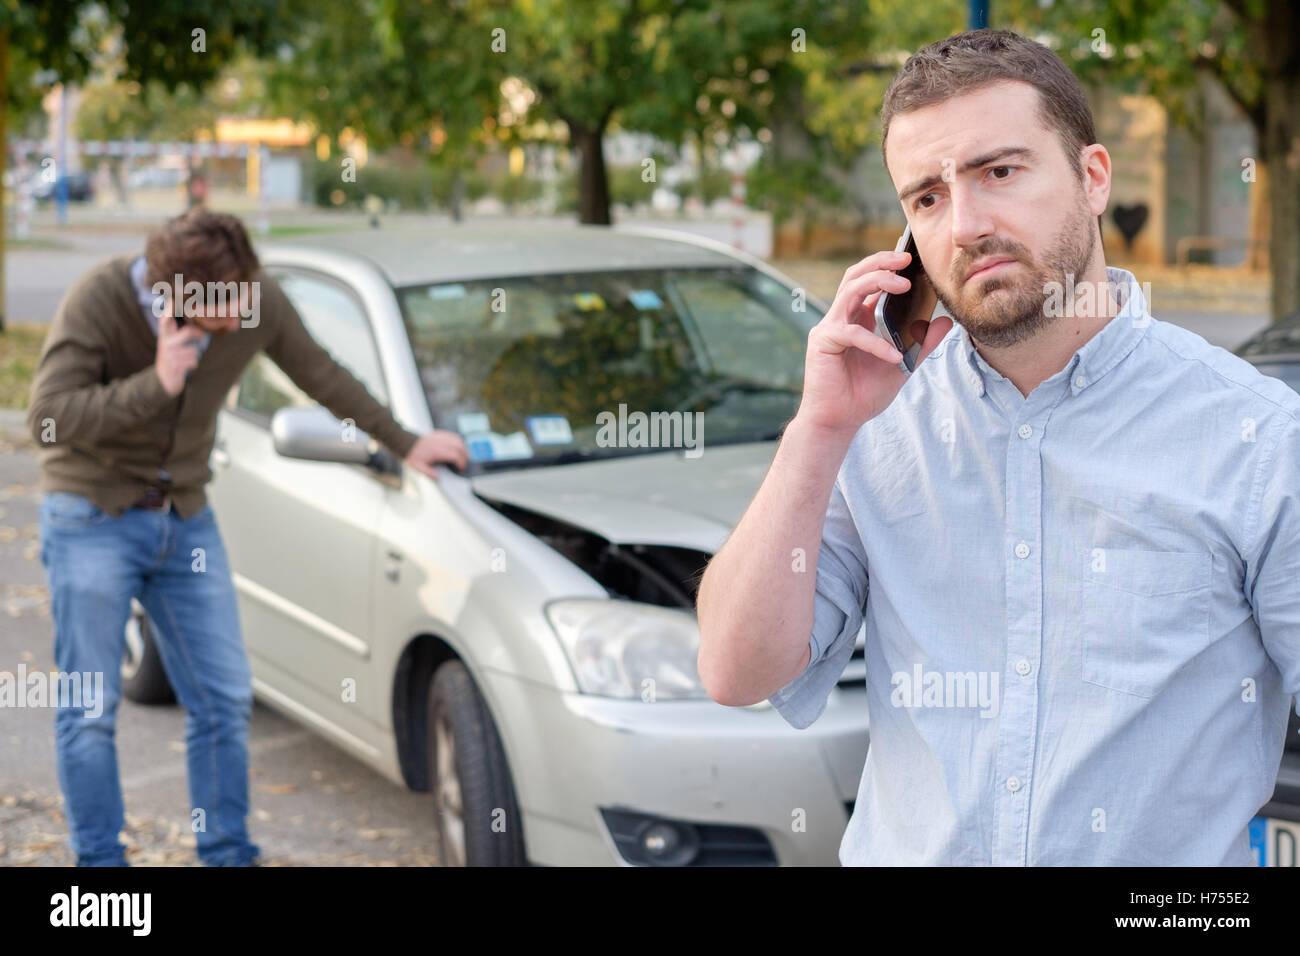 Dented Car Stock Photos Amp Dented Car Stock Images Alamy